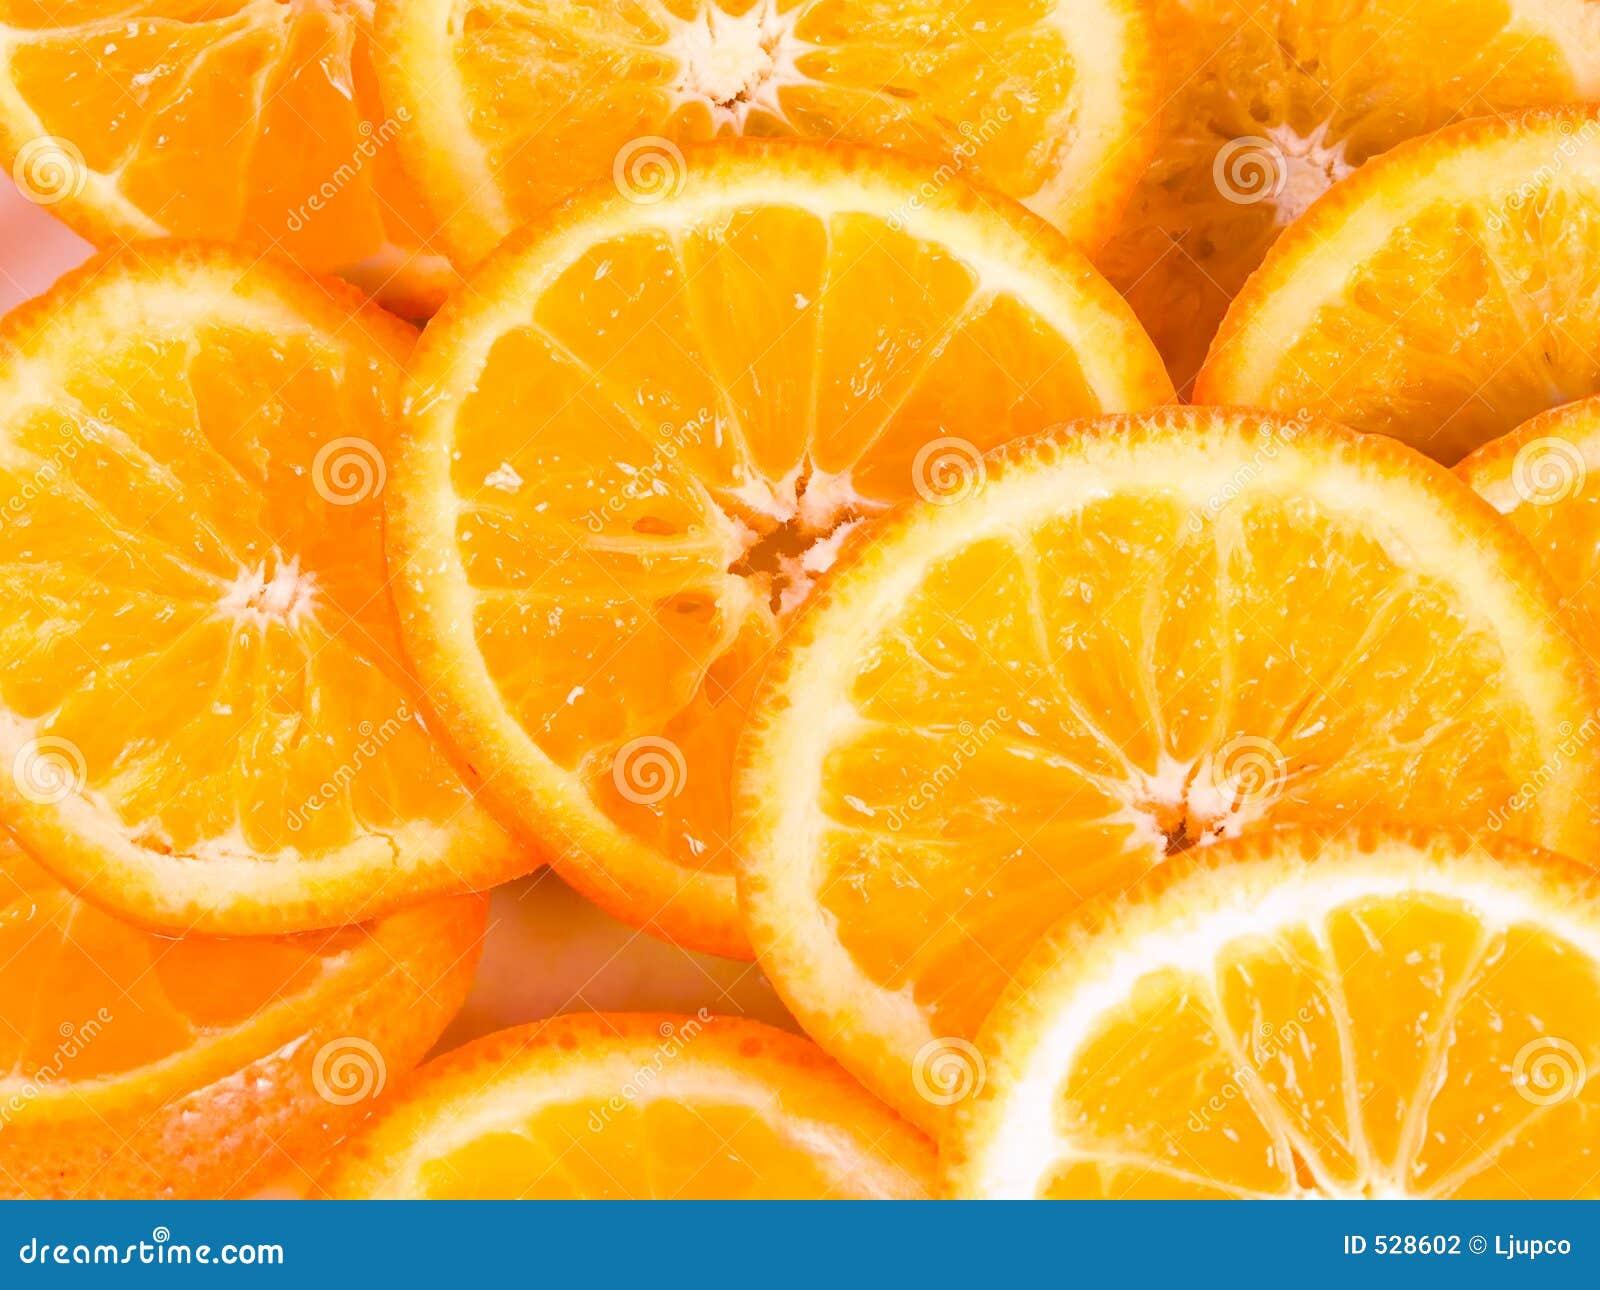 Download 橙色片式 库存照片. 图片 包括有 制动手, 健康, 卡路里, 的直线对准器, 新鲜, 特写镜头, 颜色, 核心 - 528602